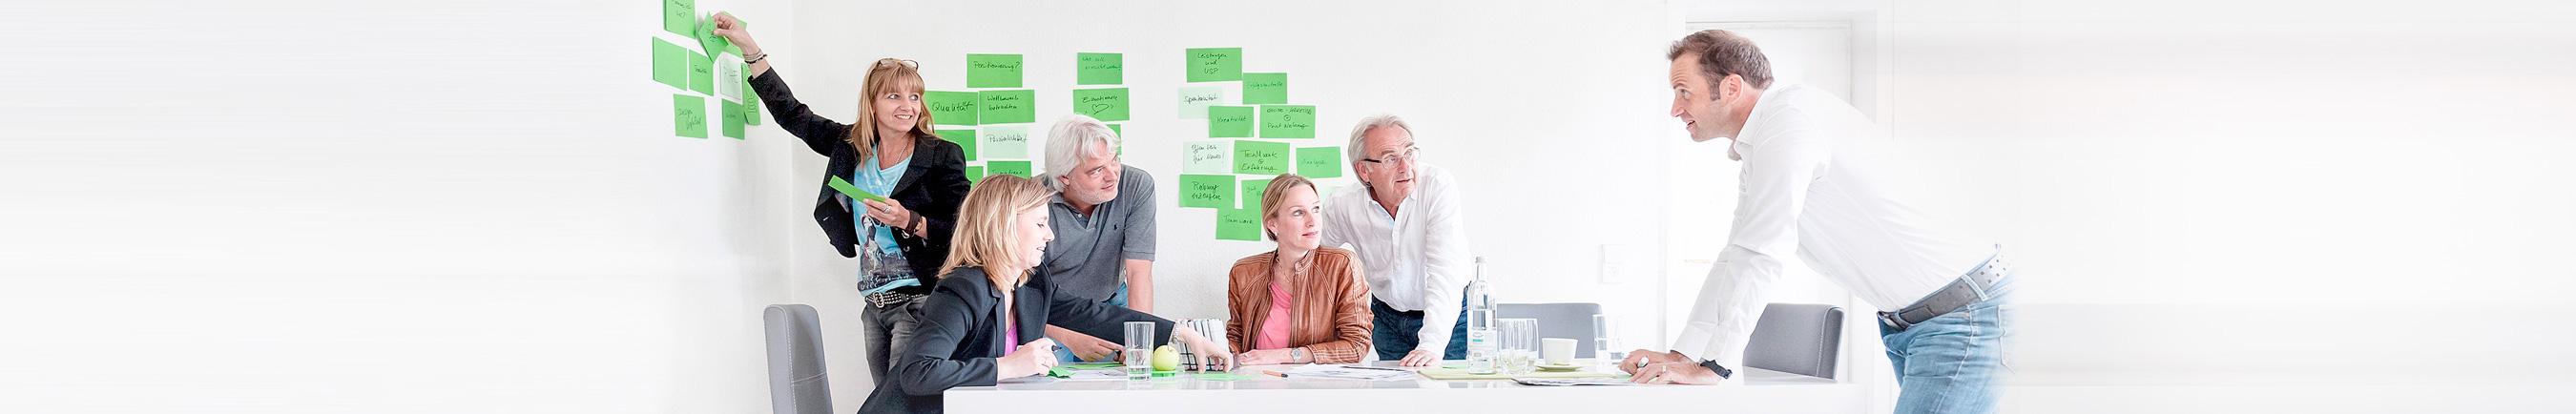 Werbeagentur Köln Steinbüchel & Partner